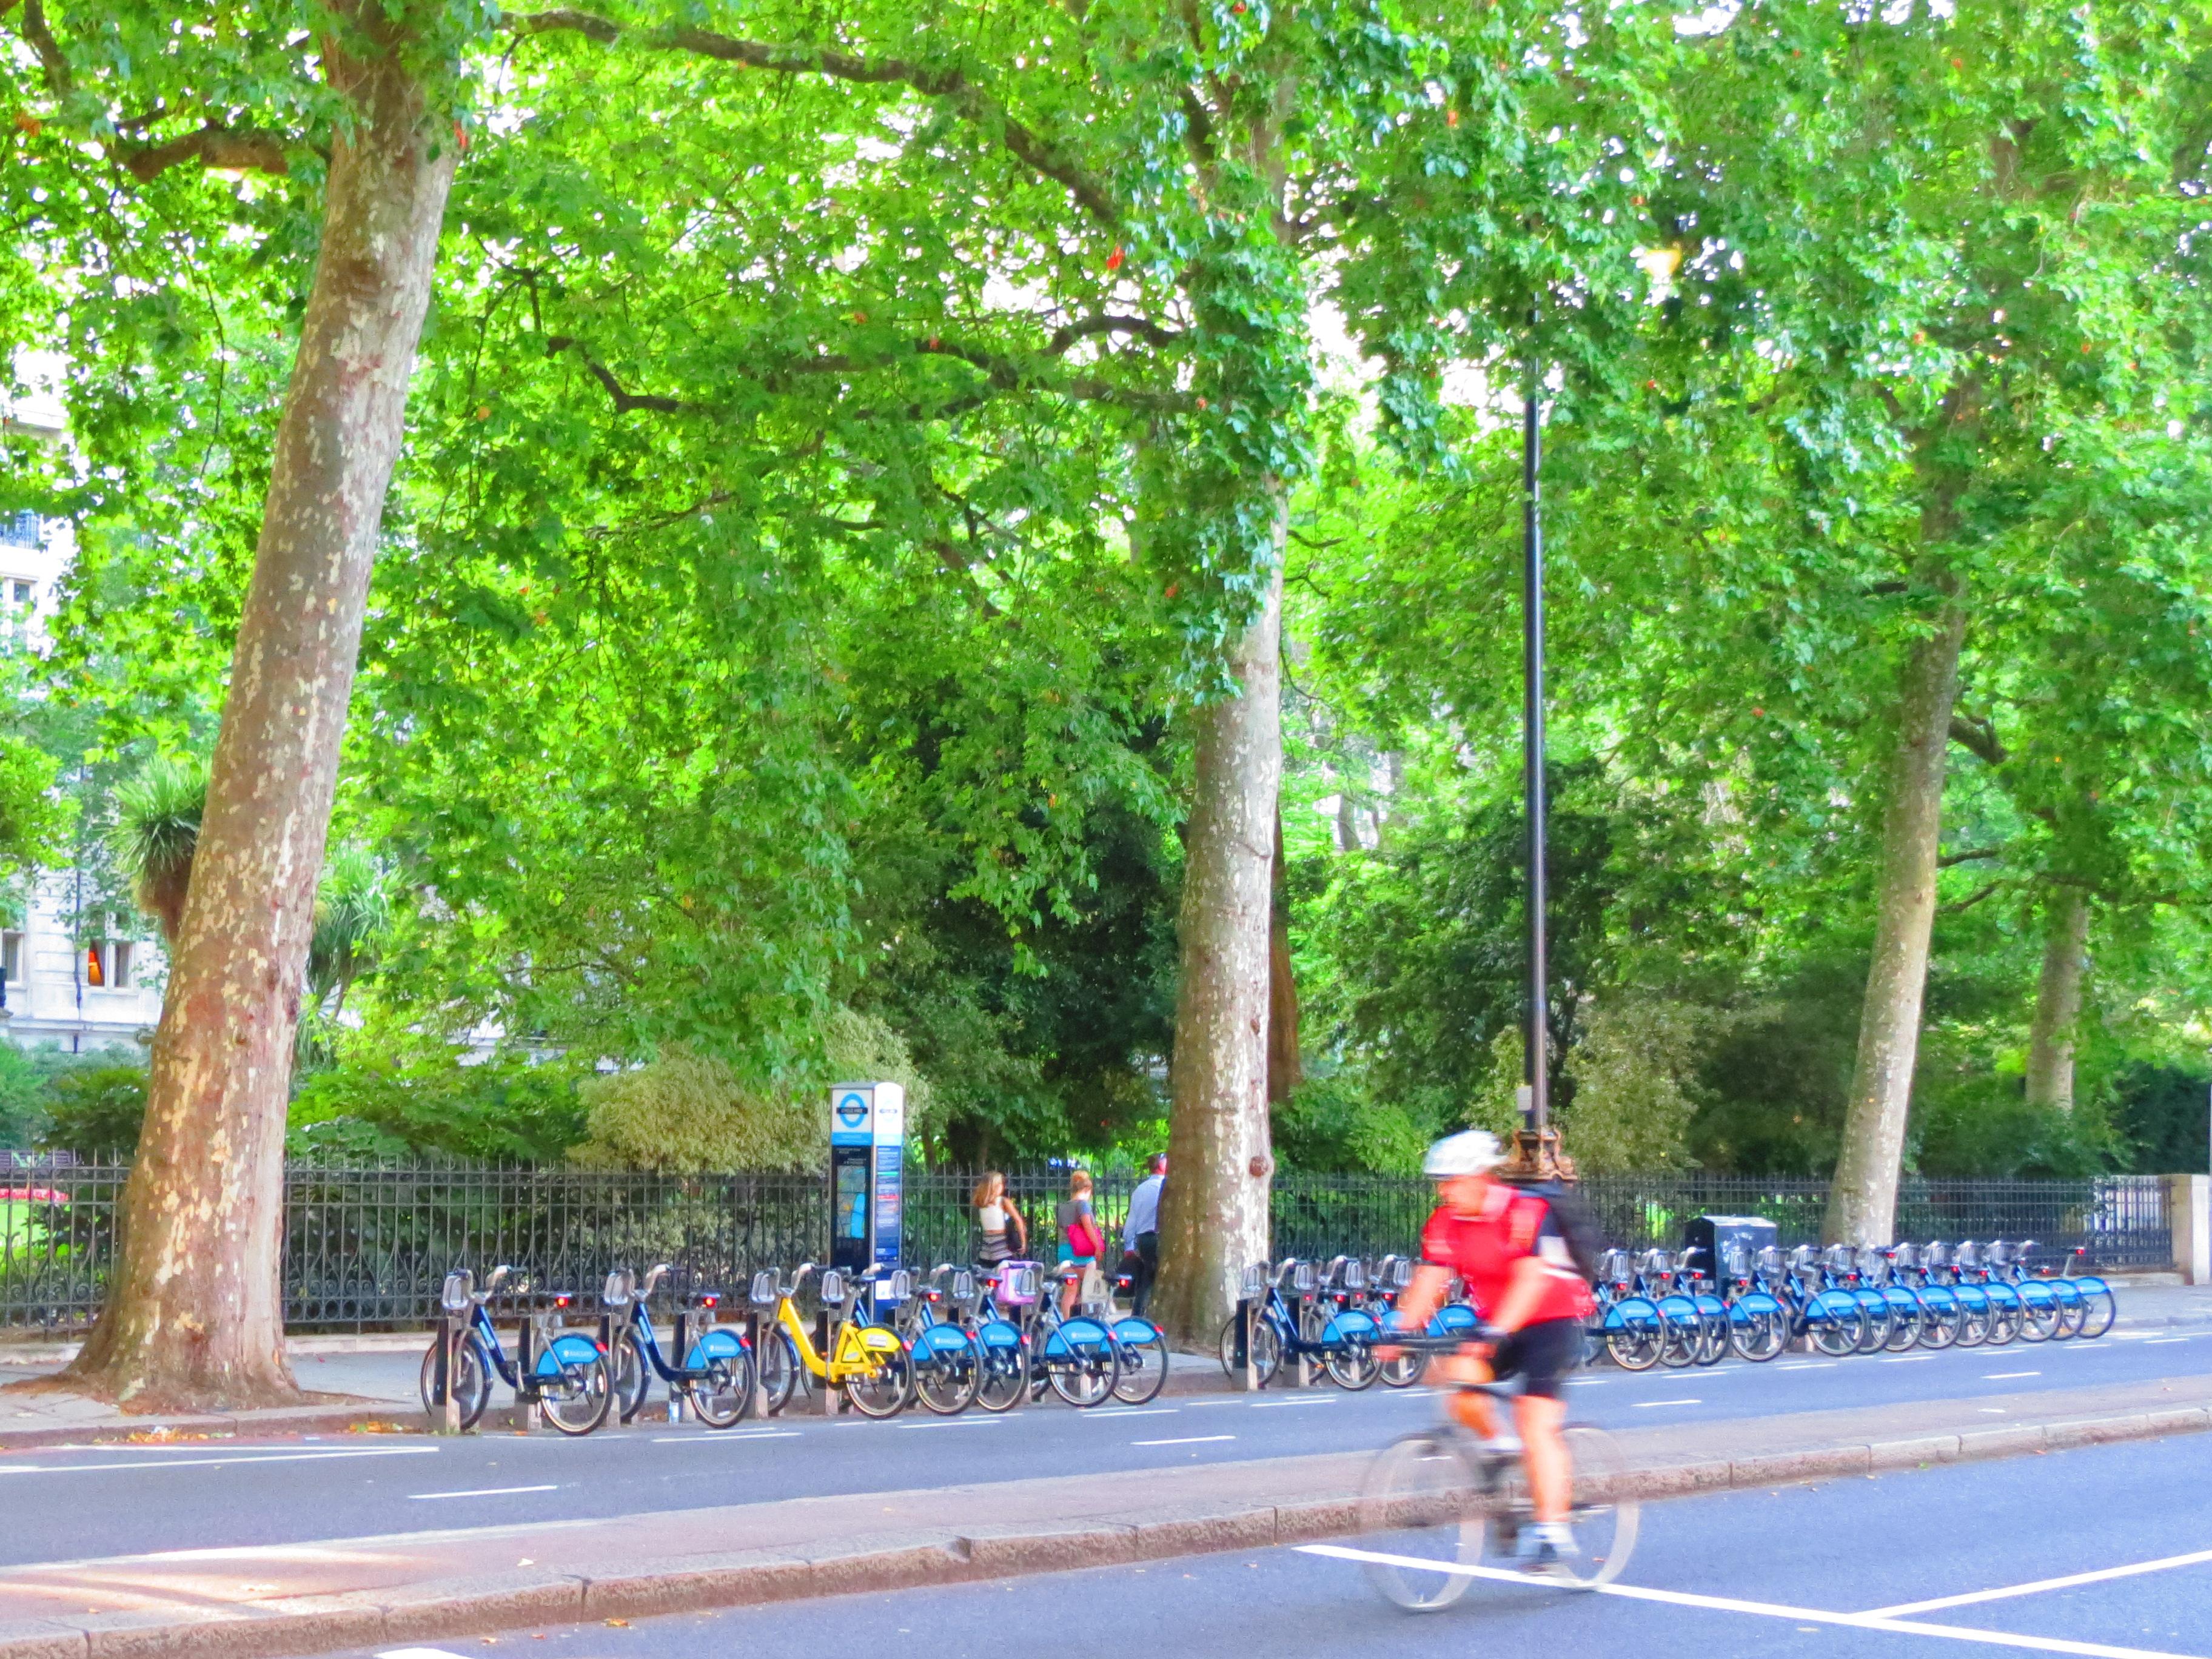 サイクリストと青い貸し自転車